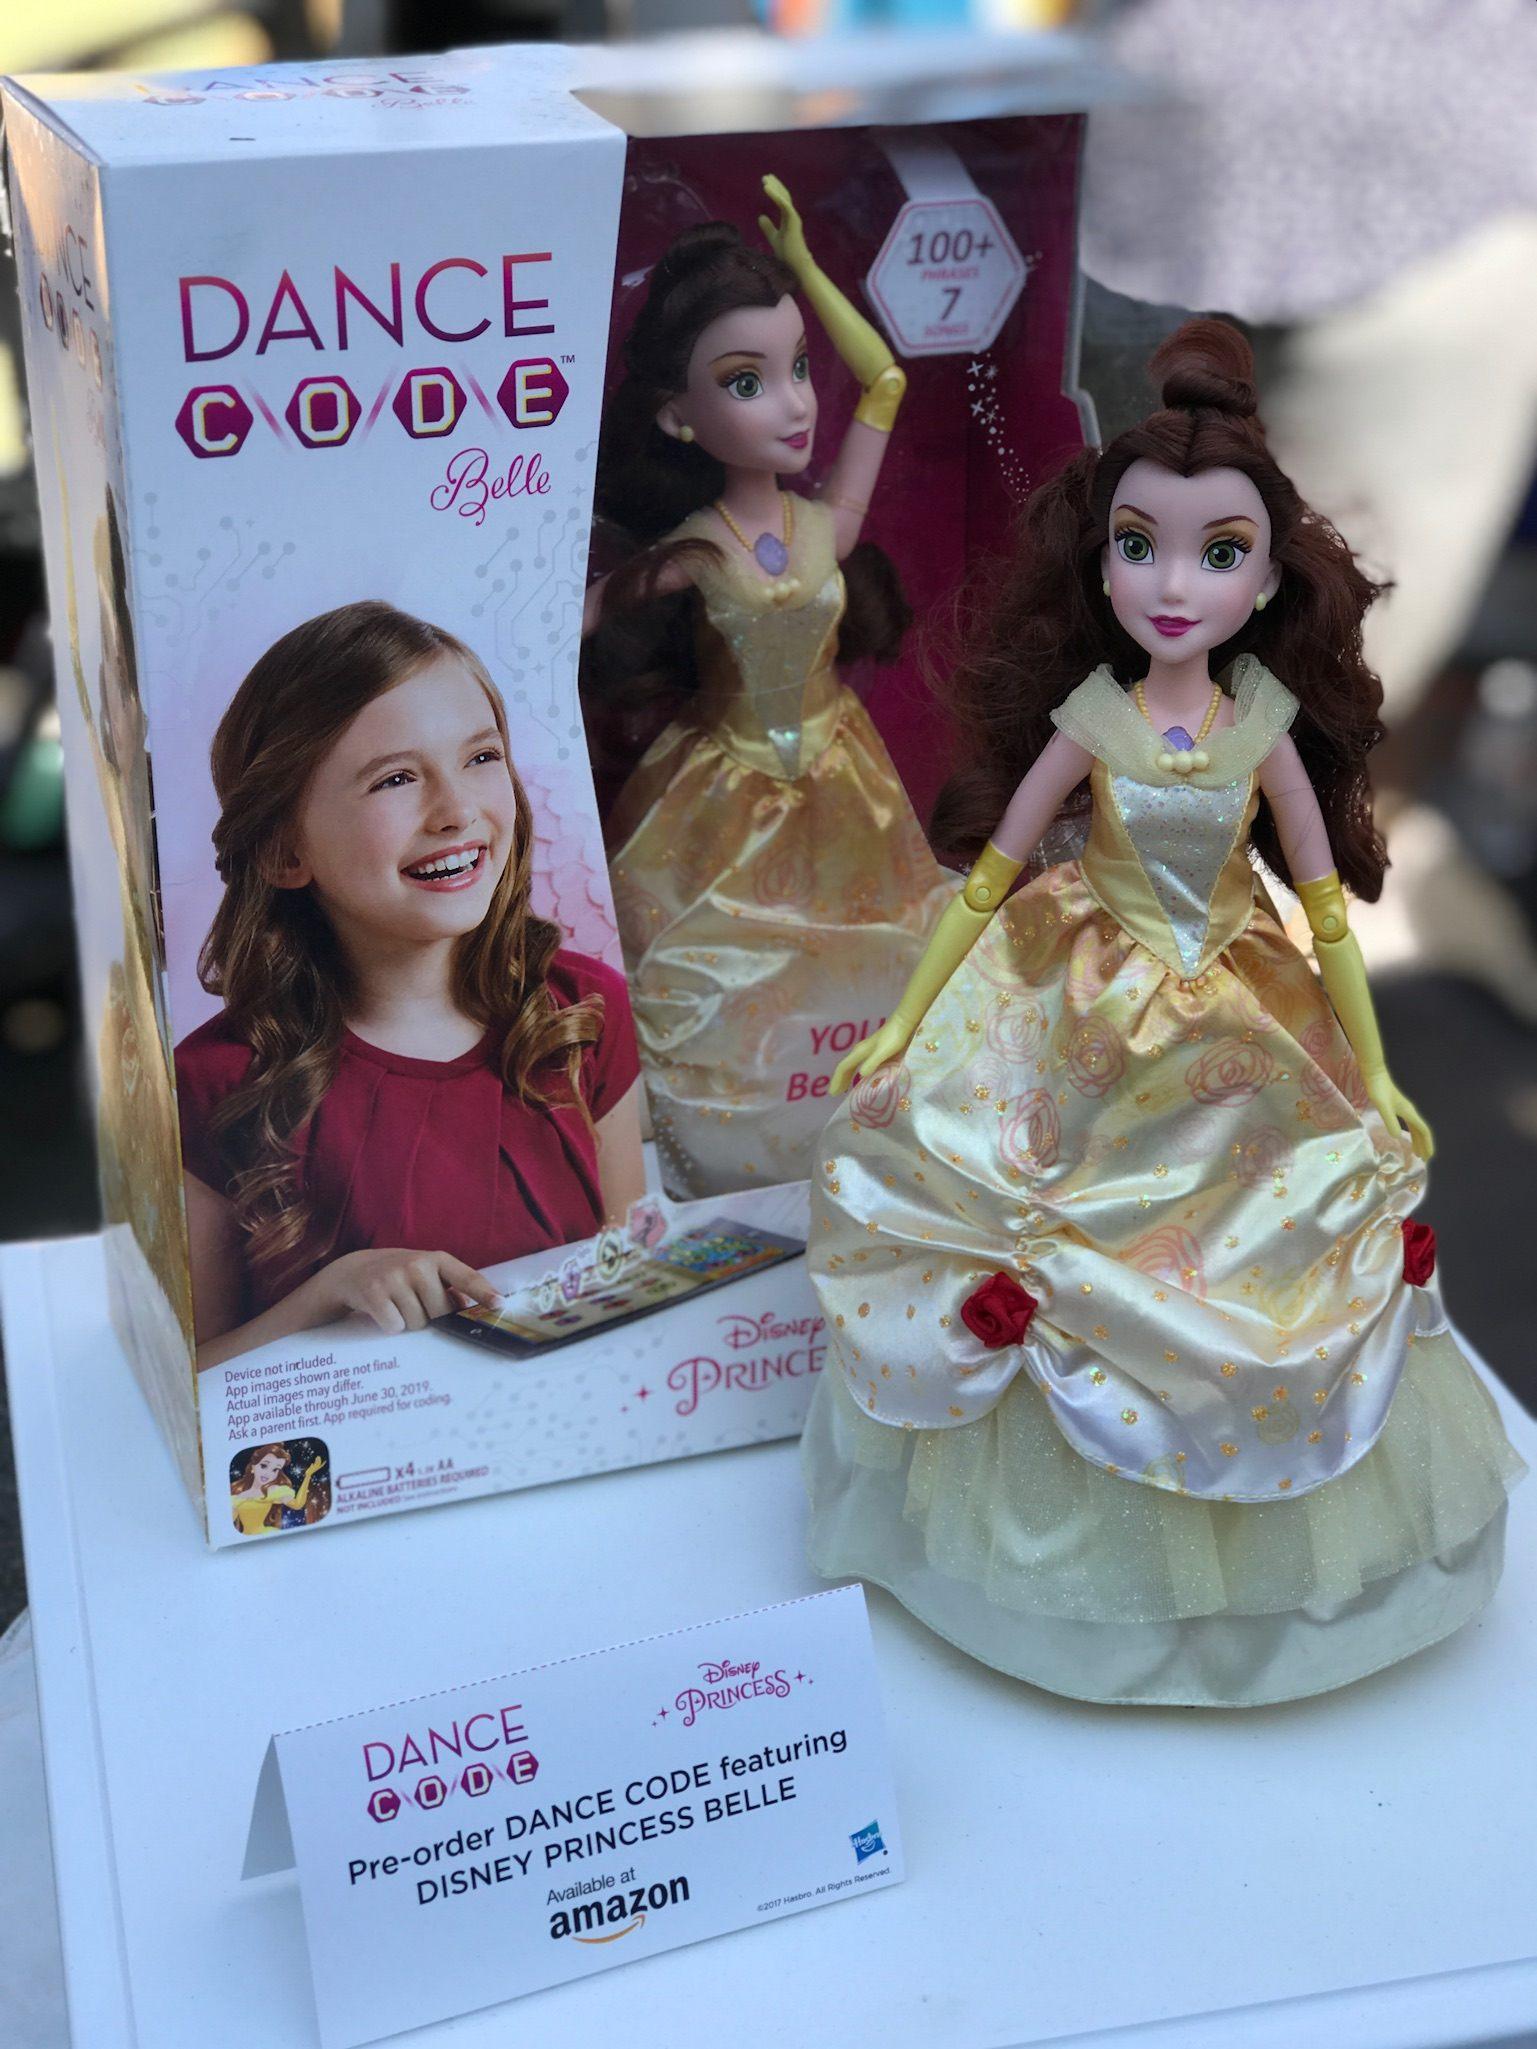 Dance Code Belle - Amazon Exclusive